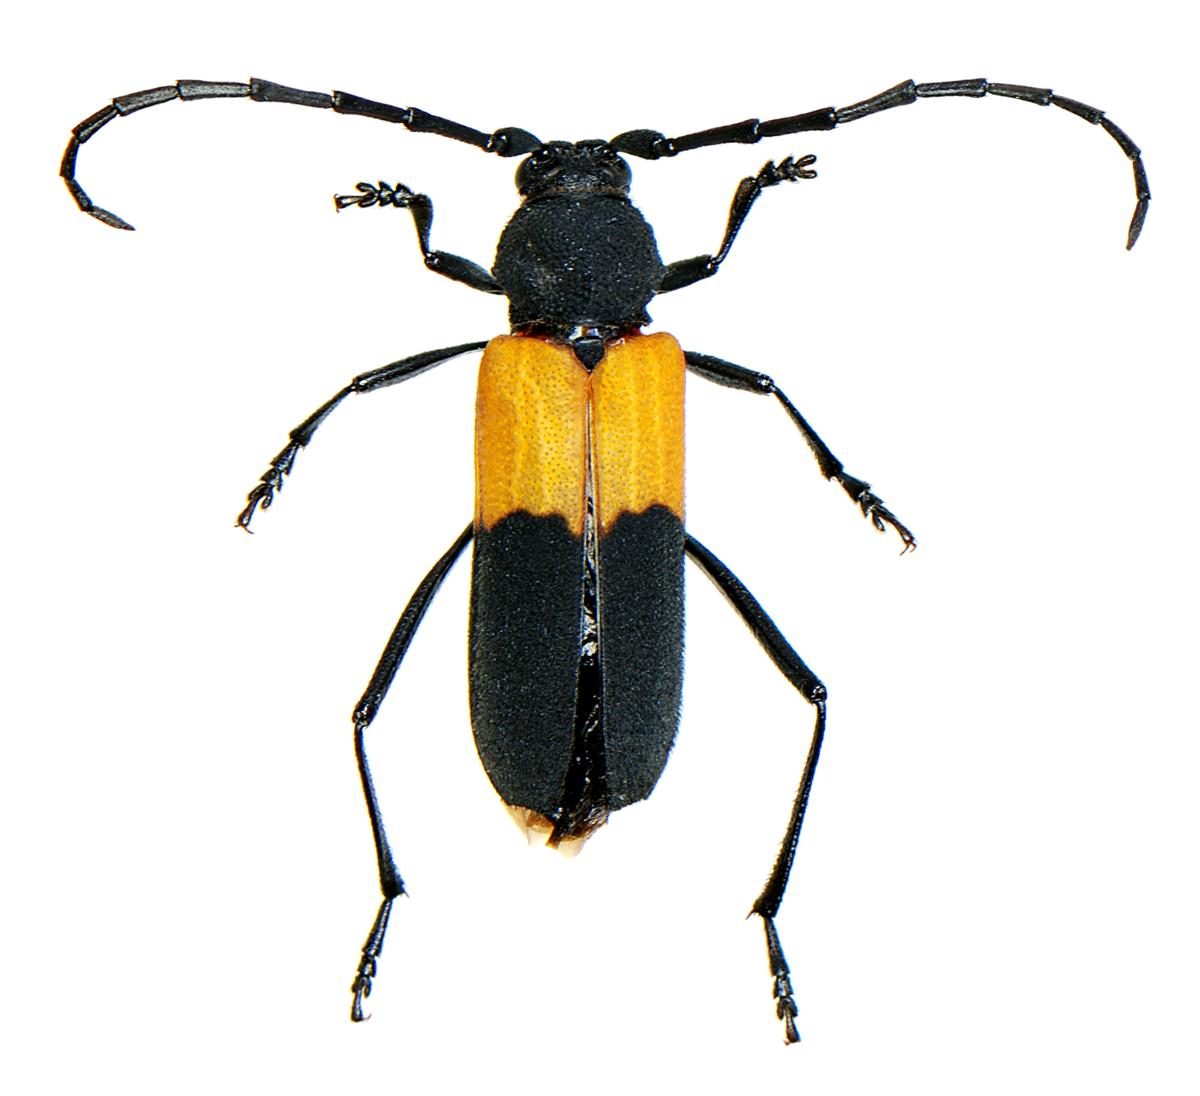 Purpuricenus axillaris - Wikipedia